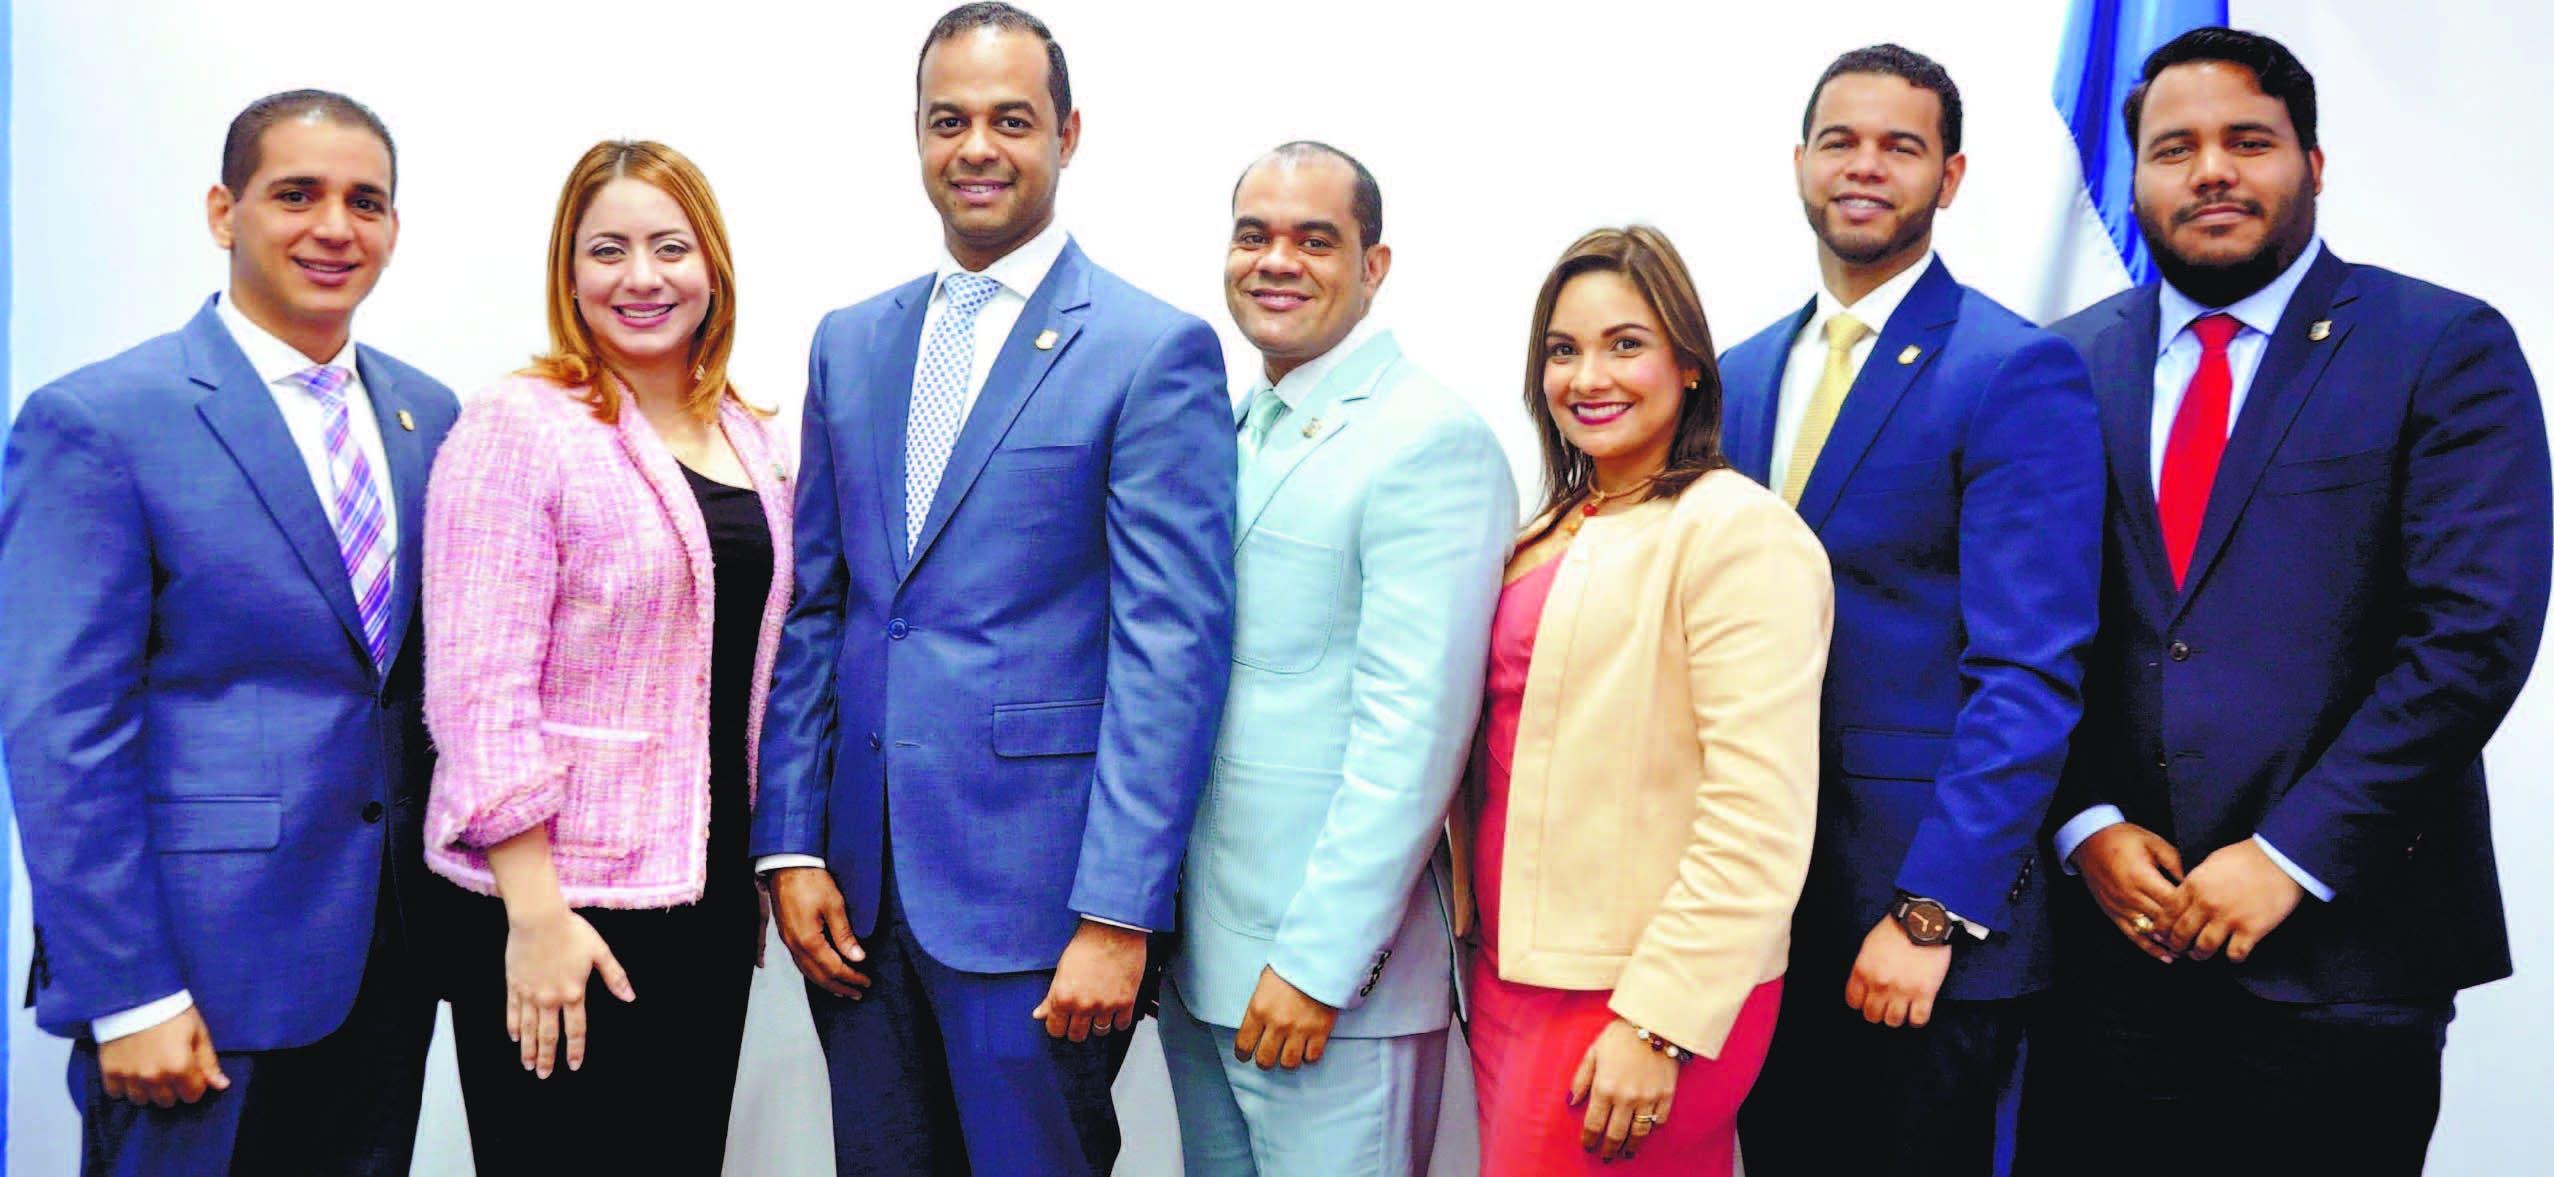 Jóvenes diputados comprometidos con impulsar leyes